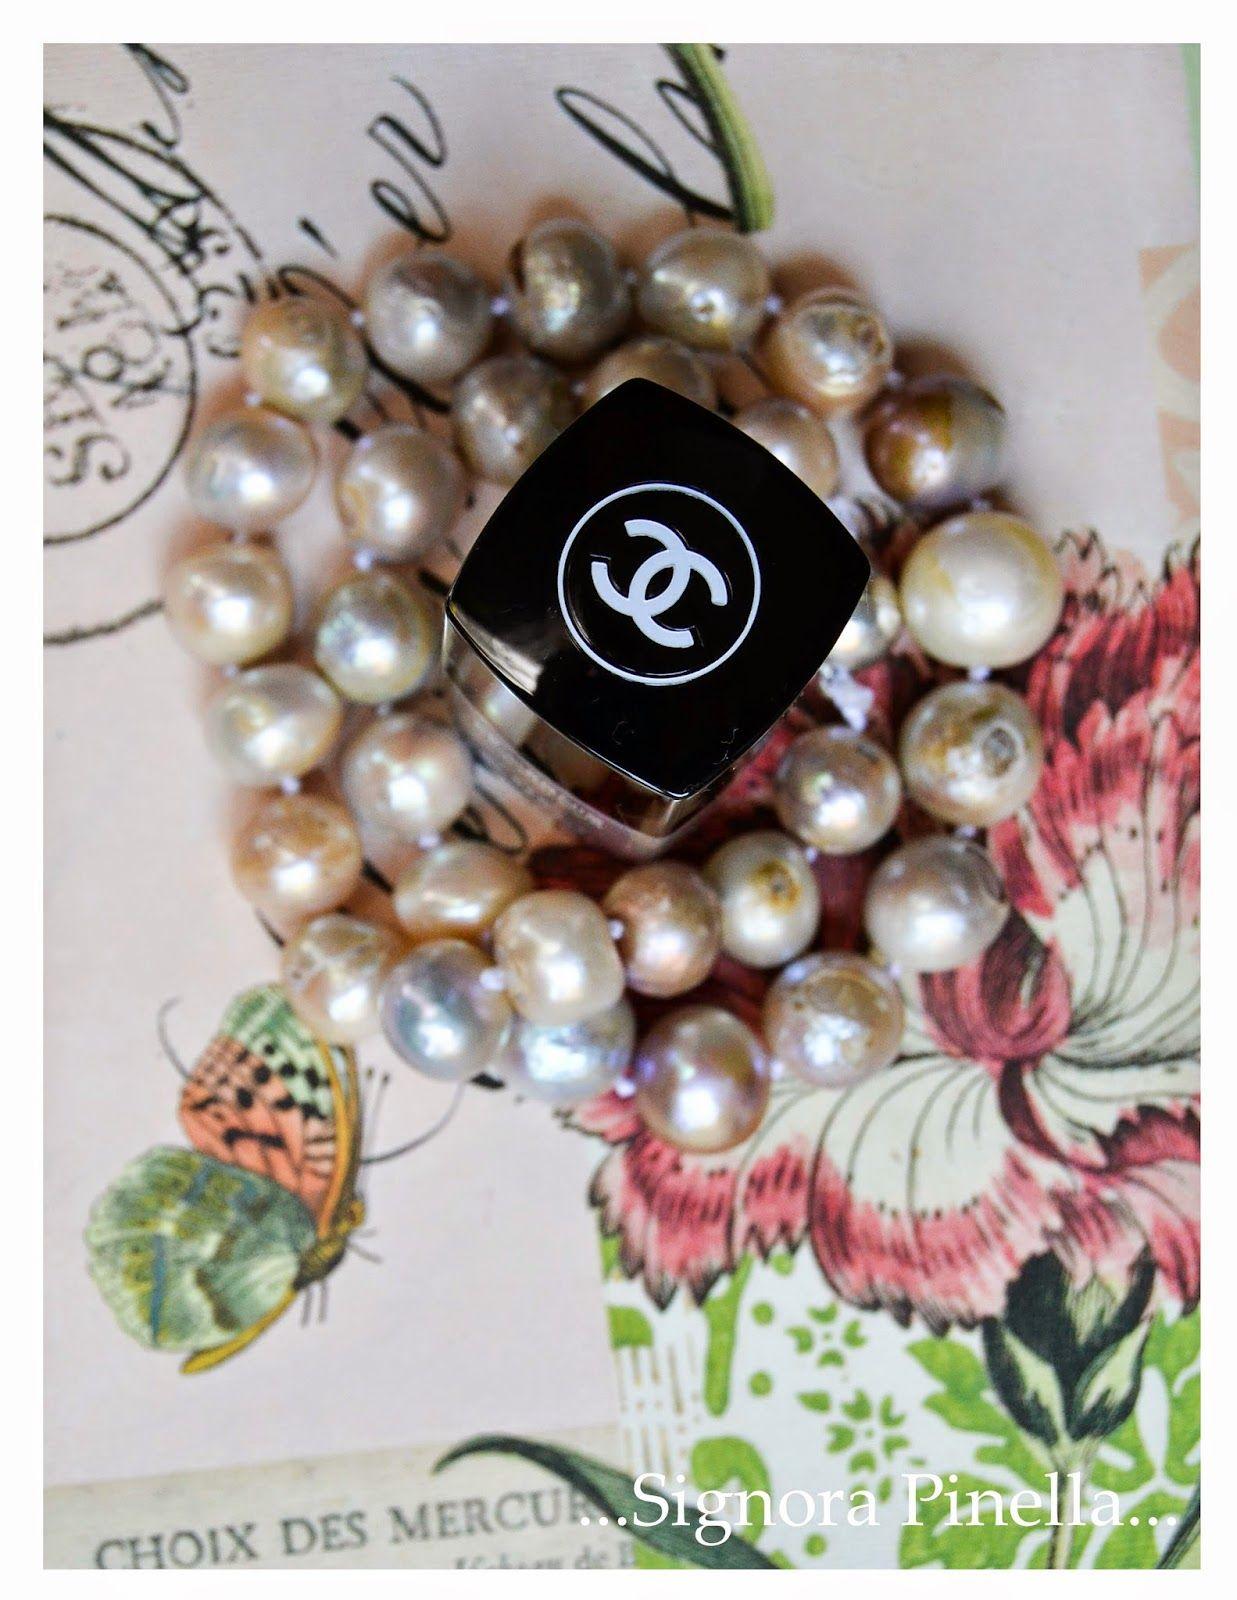 ...Die wundervolle Welt der Signora Pinella...: Einmal mehr Perlenliebe, eine Anleitung zum Knüpfen und ein neuer Nagellack…